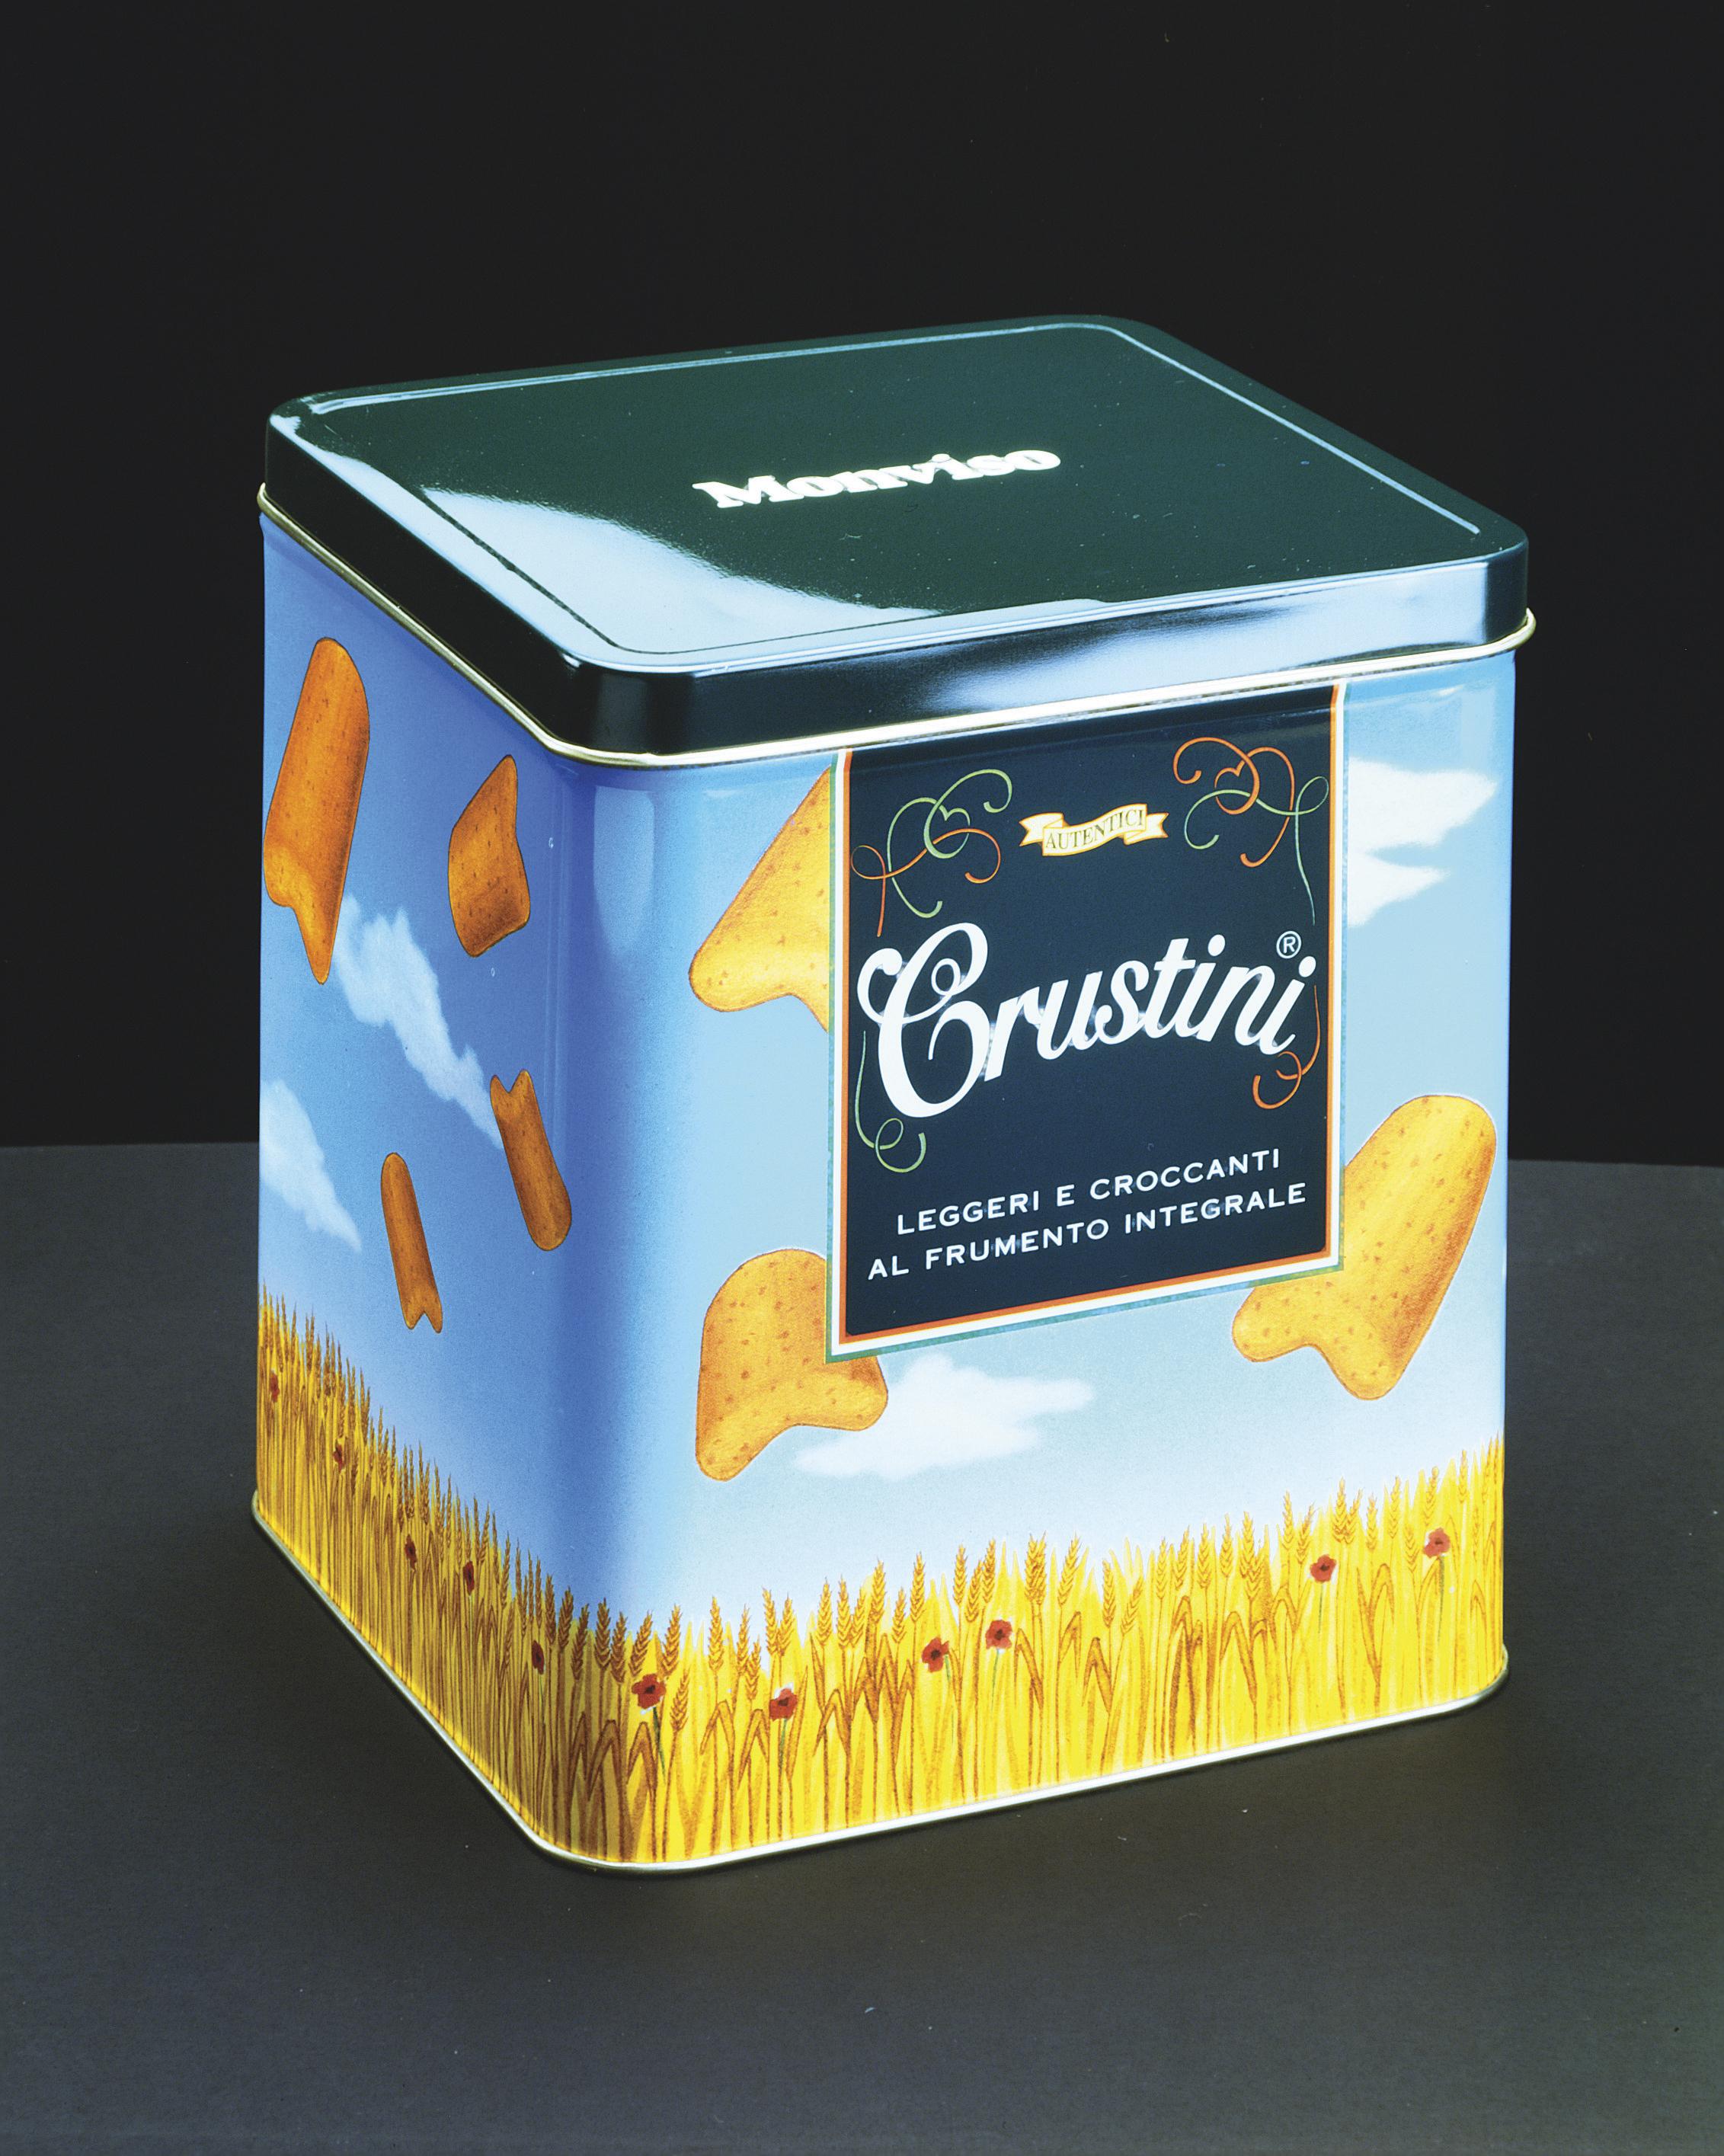 03 Crustini